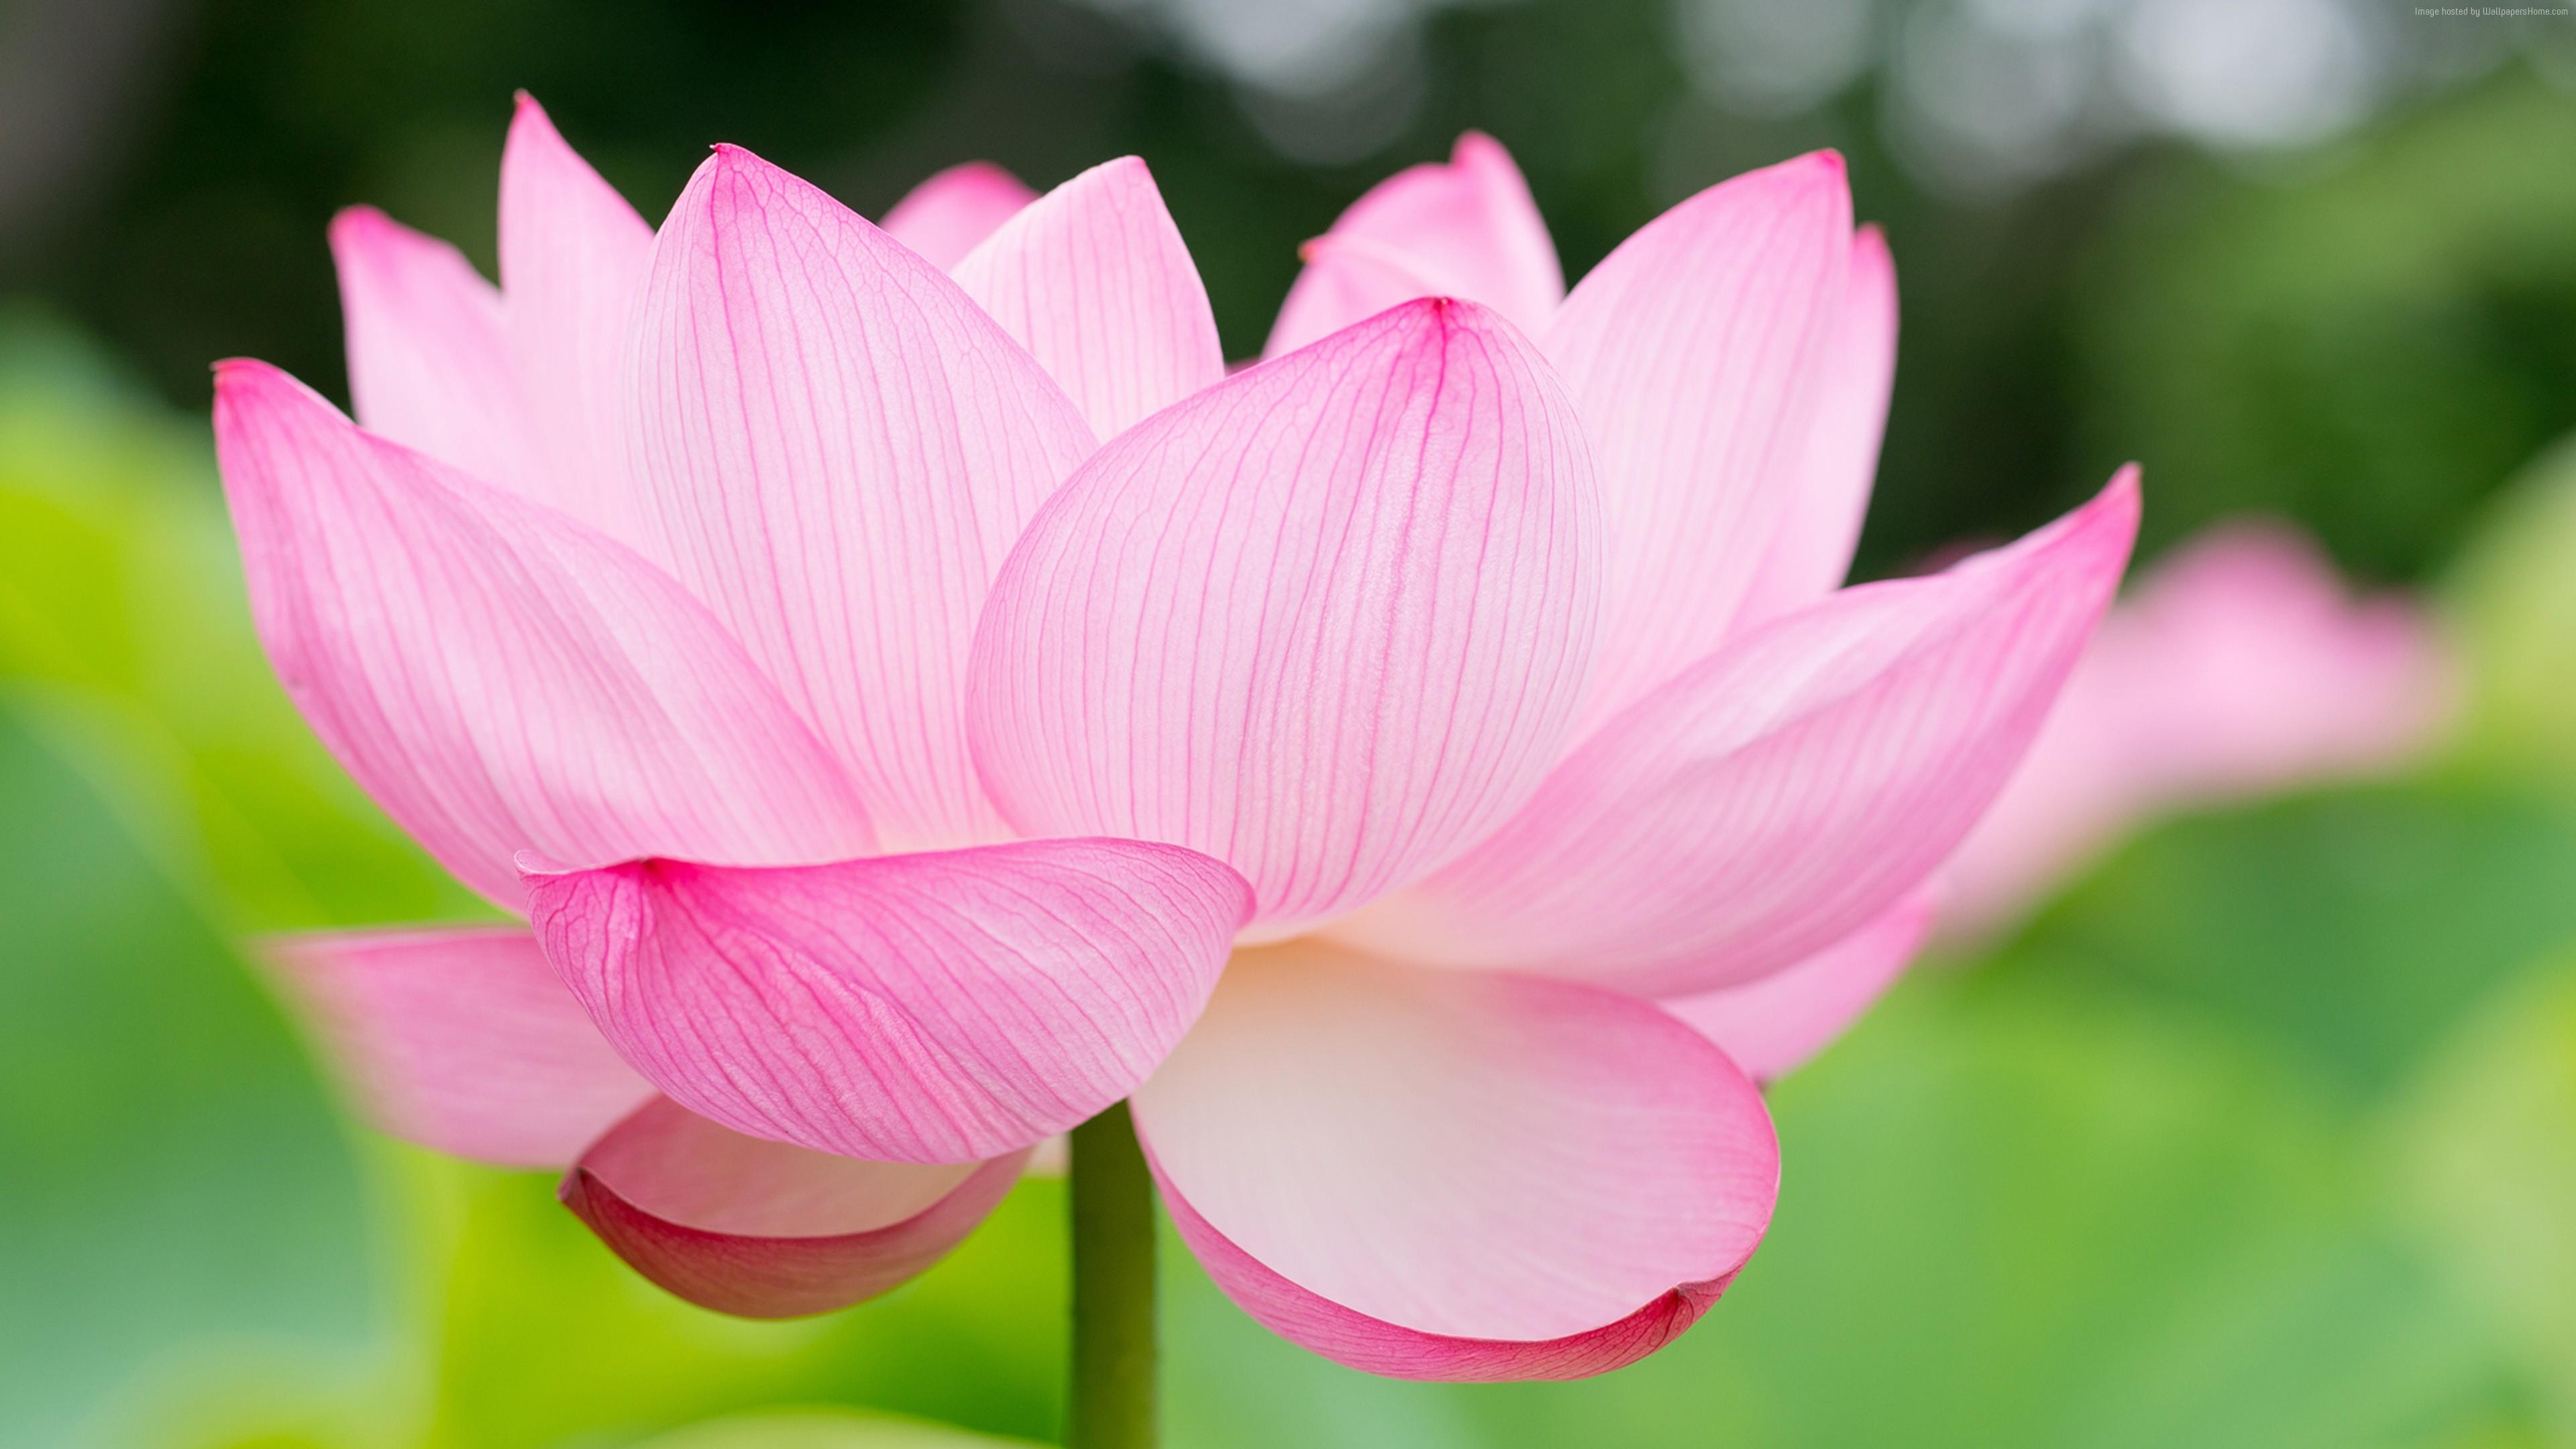 lotus-3840x2160-flower-4k-16051.jpg